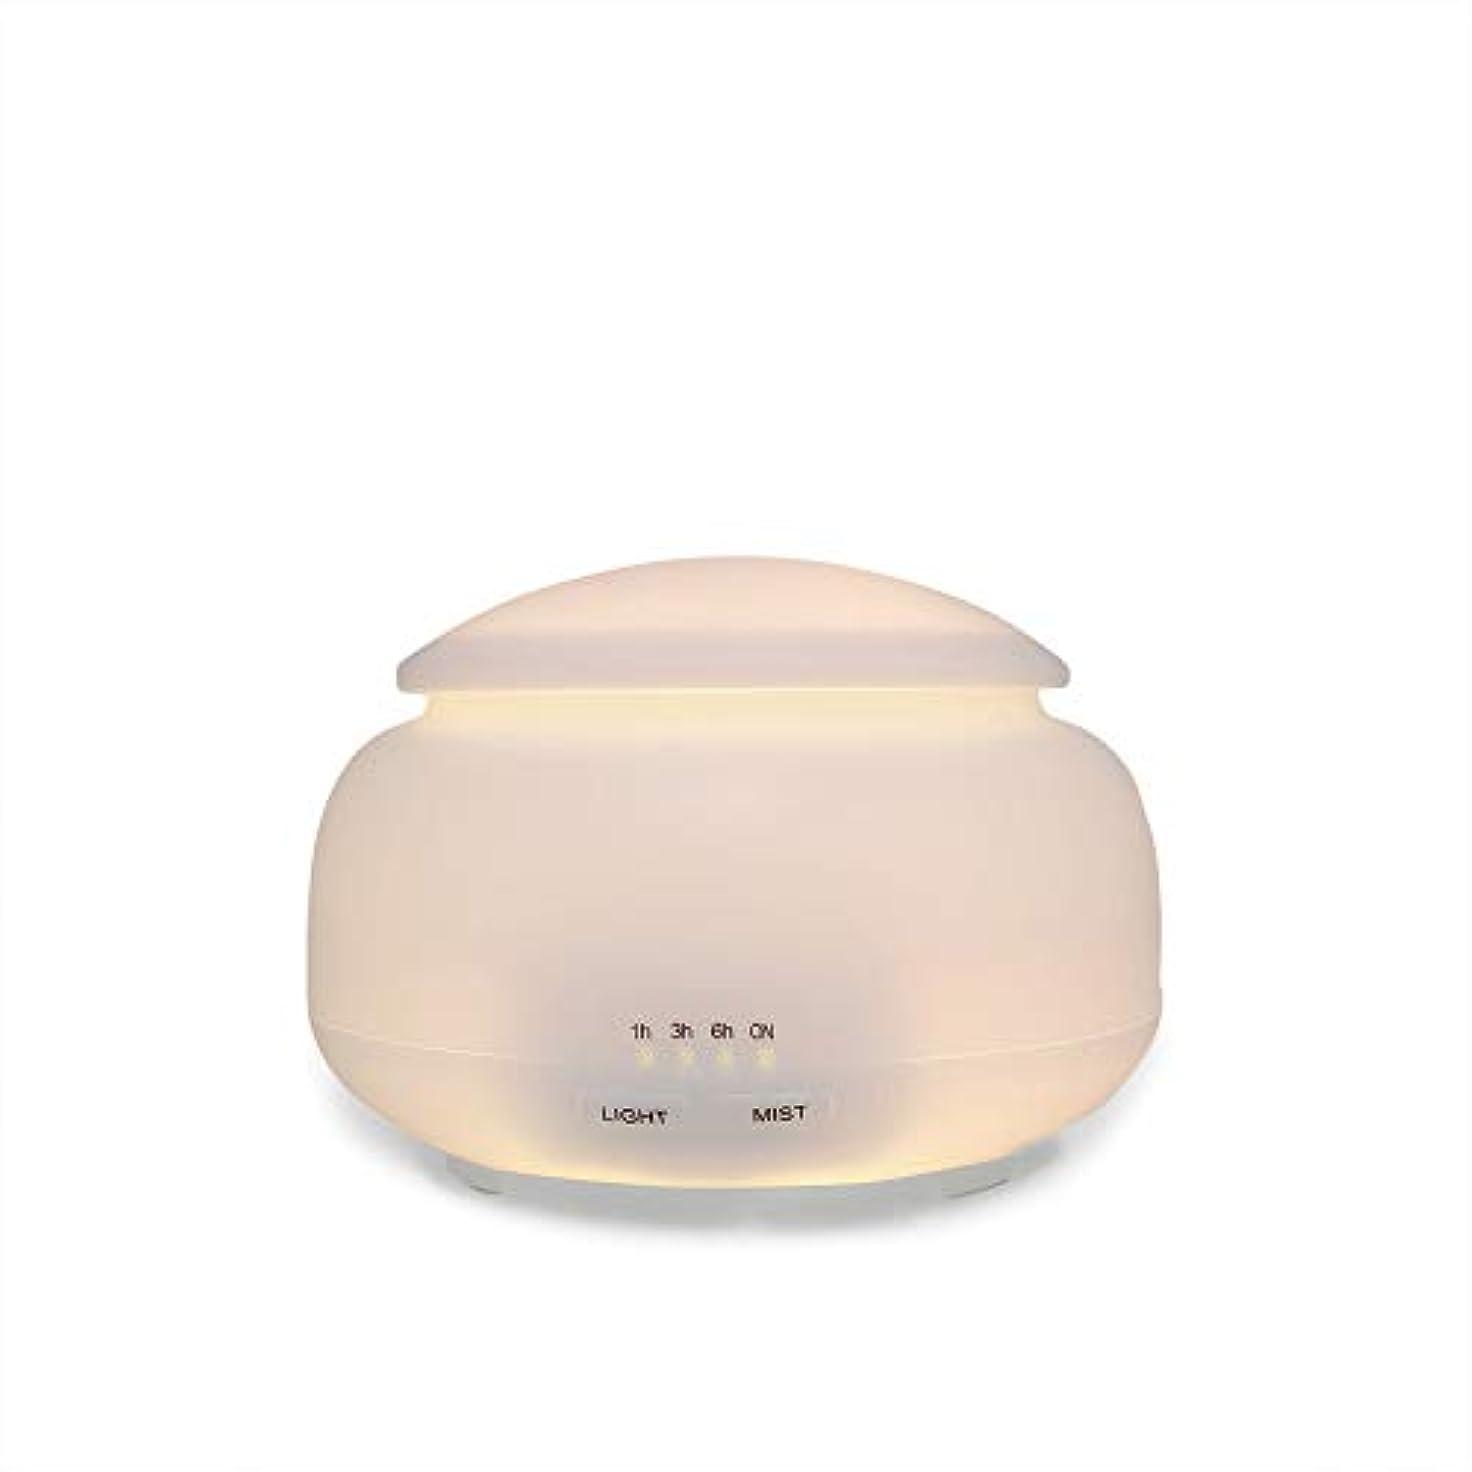 あまりにも自分を引き上げるフェミニン150ml の家の超音波アロマセラピー機械、大きい無声空気浄化の加湿器容量のスプレーのタイマーおよび水なしの自動オフ、7つの LED ライト色